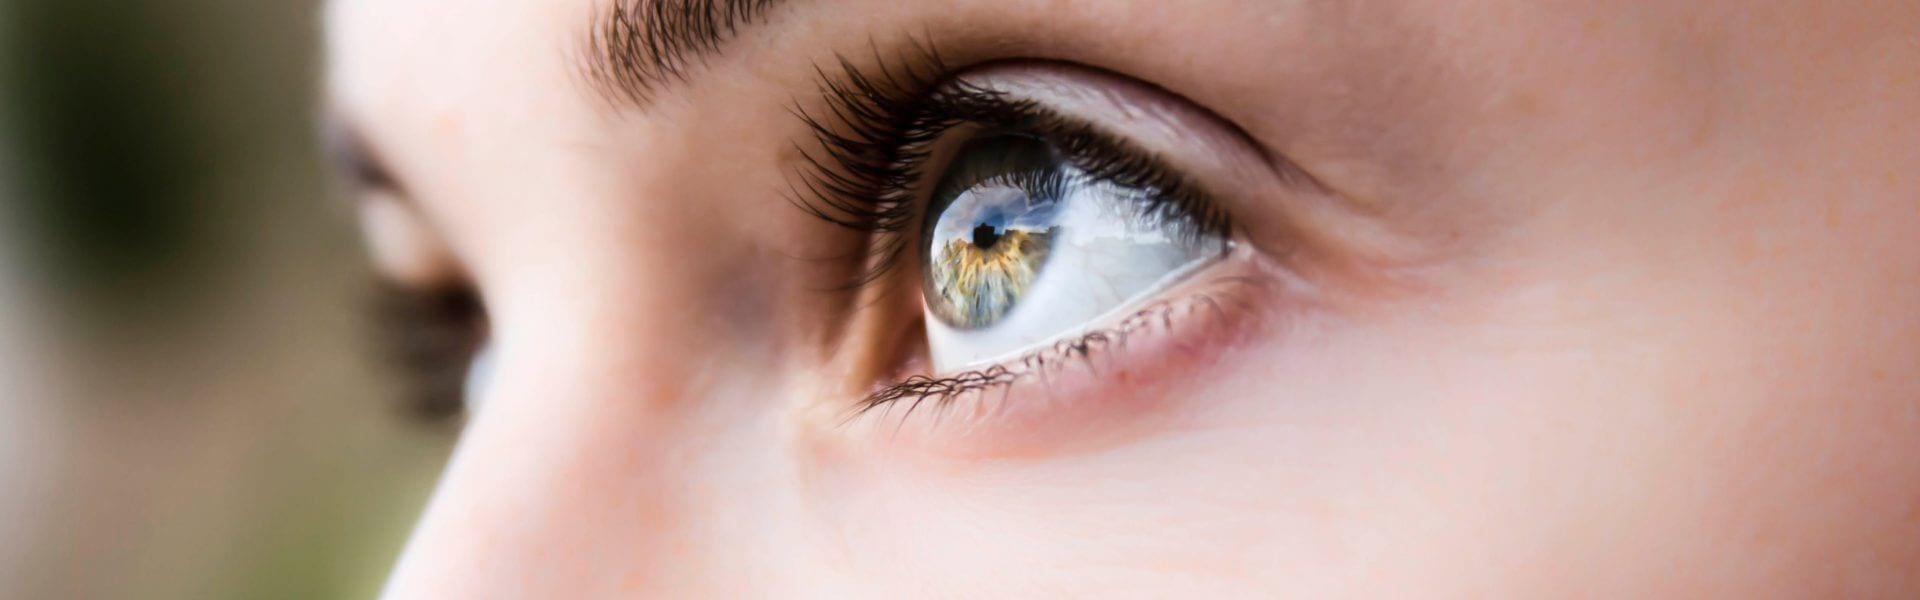 Φλεγμονές κόγχου - φλεγμονές οφθαλμικού κόγχου   Μαυρικάκης ιωάννης